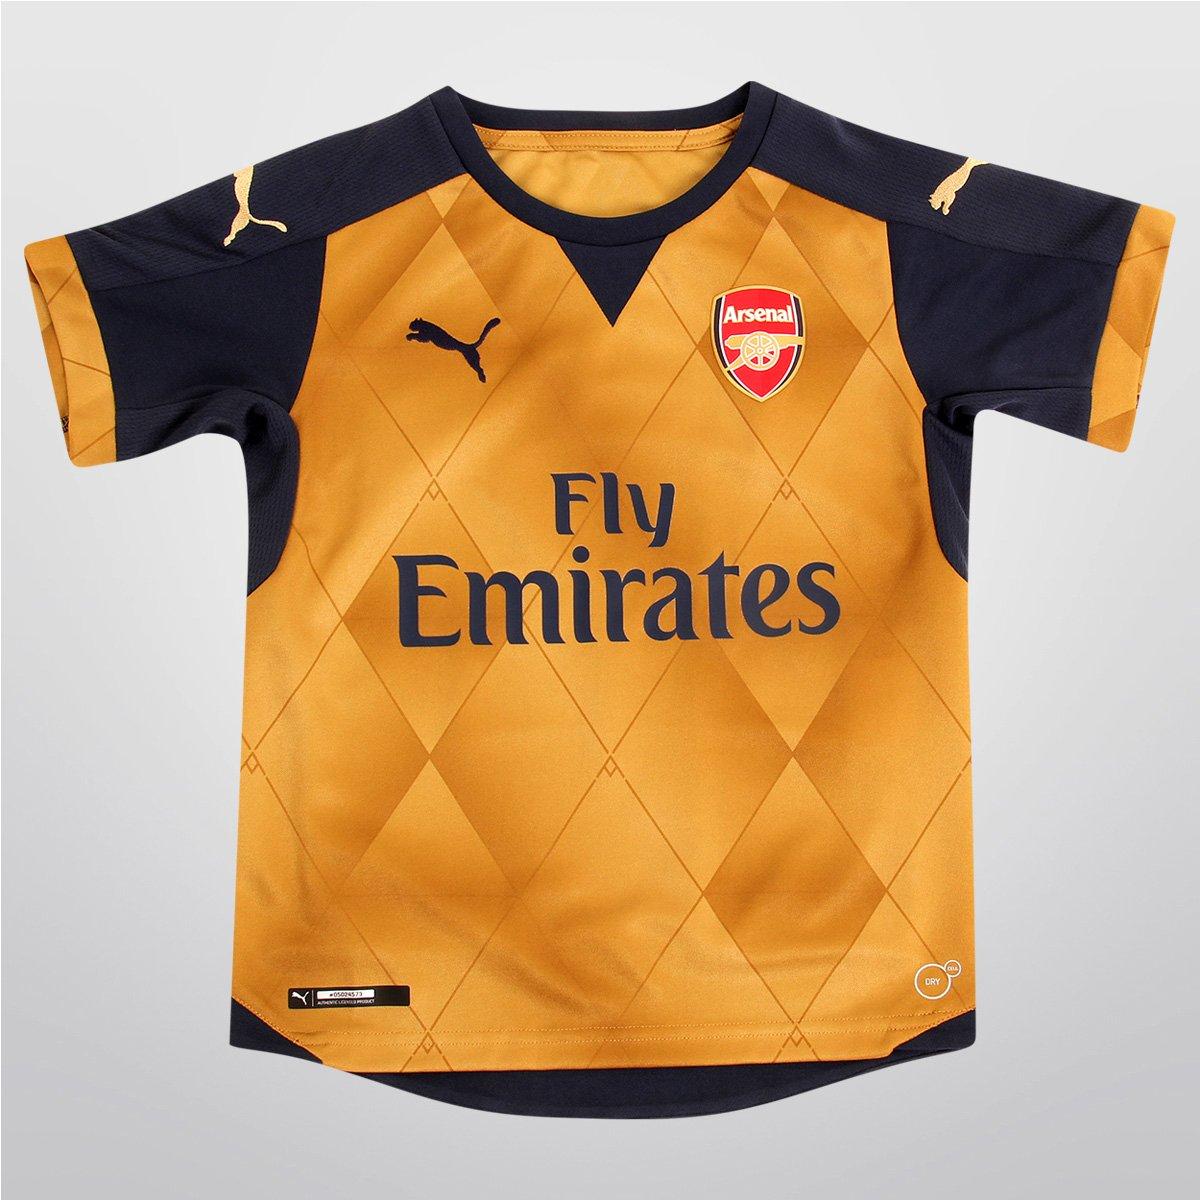 410bba0140097 Camisa Puma Arsenal Away 15 16 s nº Juvenil - Compre Agora